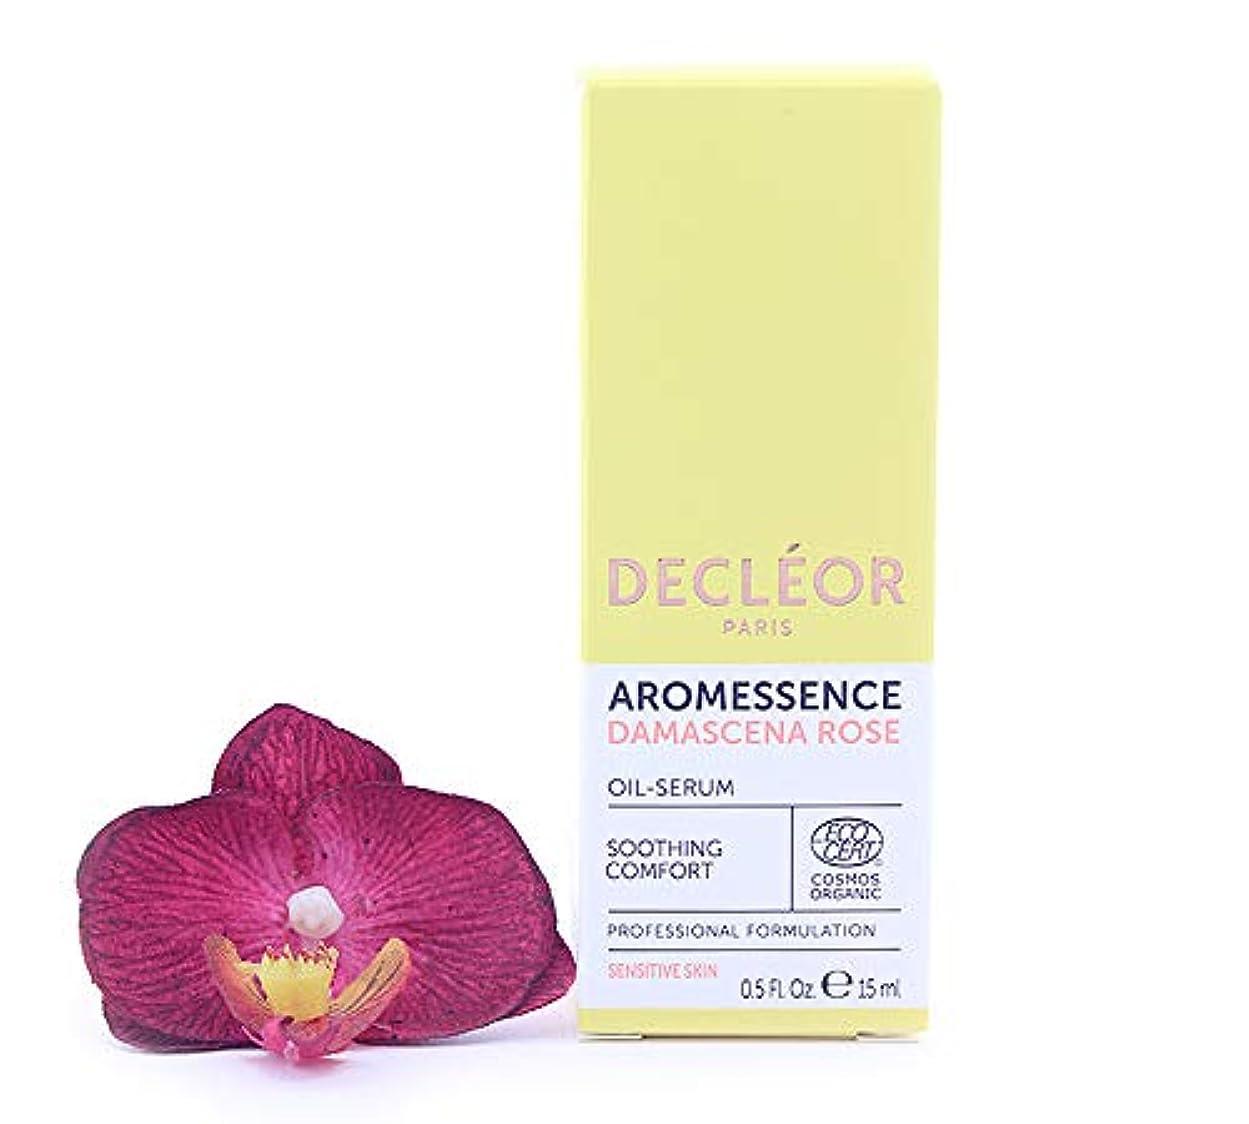 間違えたオペラズームデクレオール Aromessence Rose D'Orient (Damascena Rose) Soothing Comfort Oil Serum 15ml/0.5oz並行輸入品